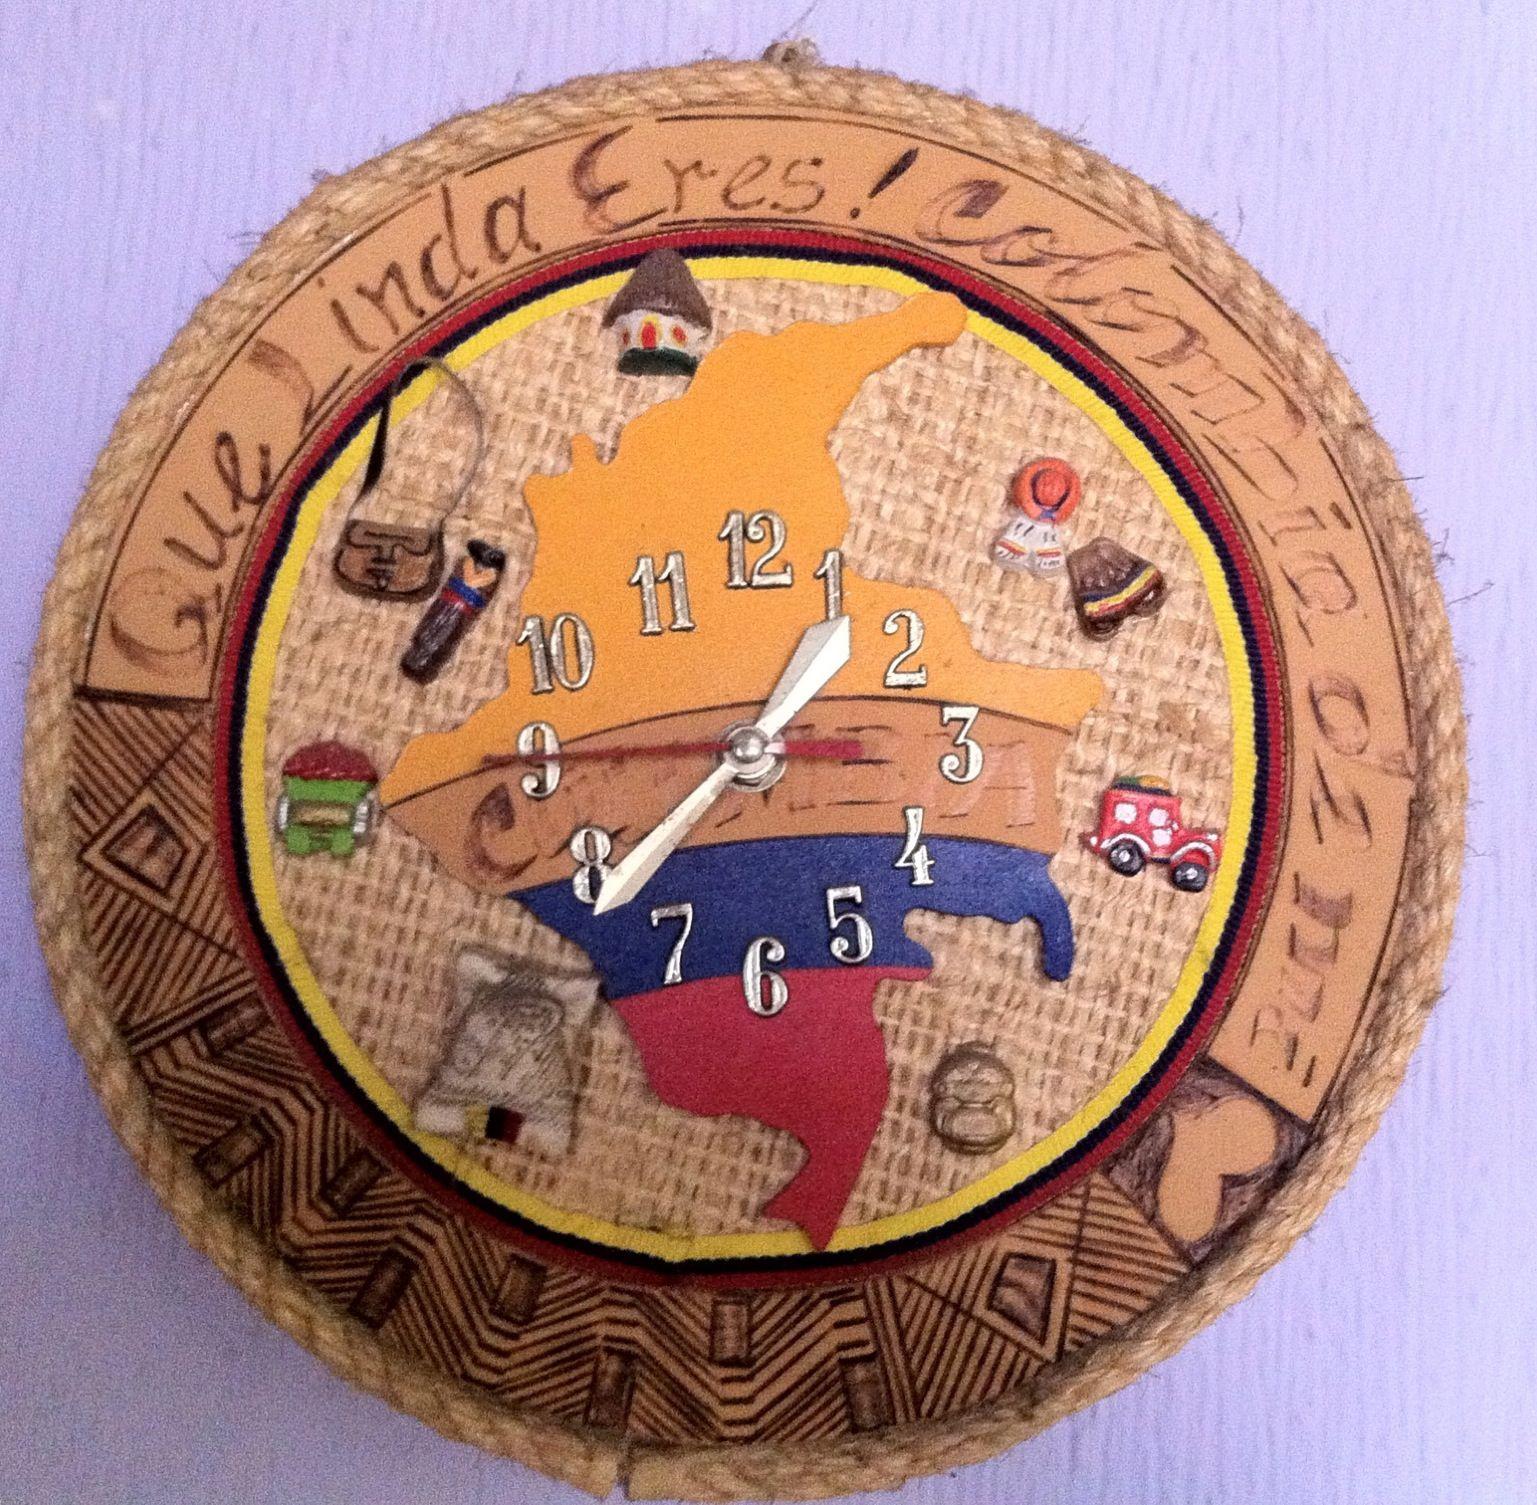 Artesan A Colombiana Artesan A Colombiana Pinterest Artesan A # Muebles Momposinos